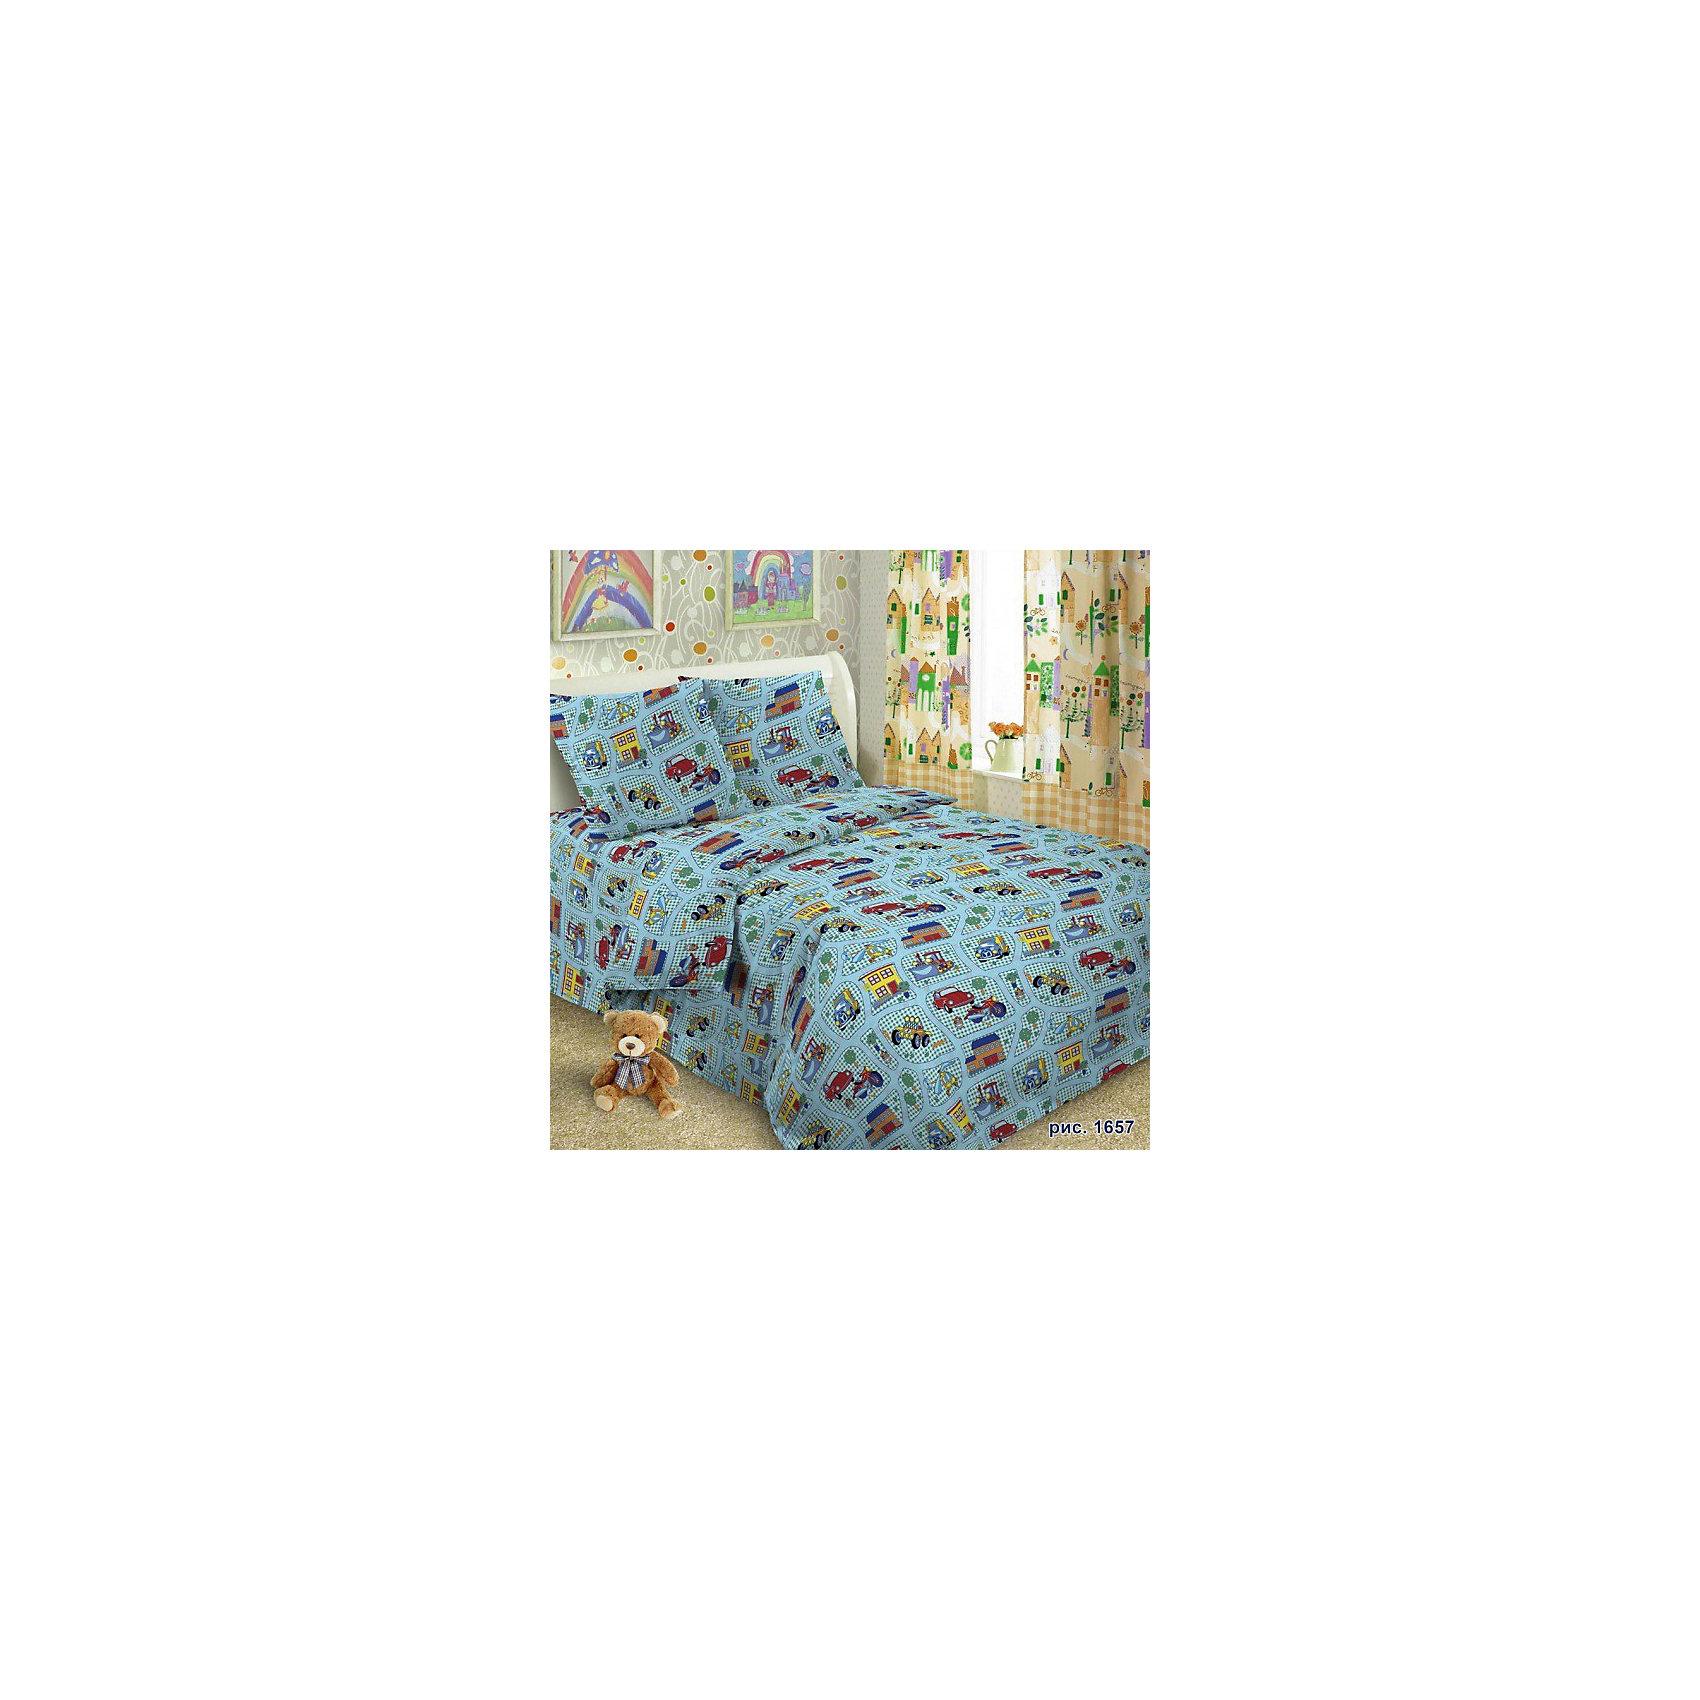 Letto Постельное белье Ясли, BG-32, Letto постельное из бязи купить оптом в одессе